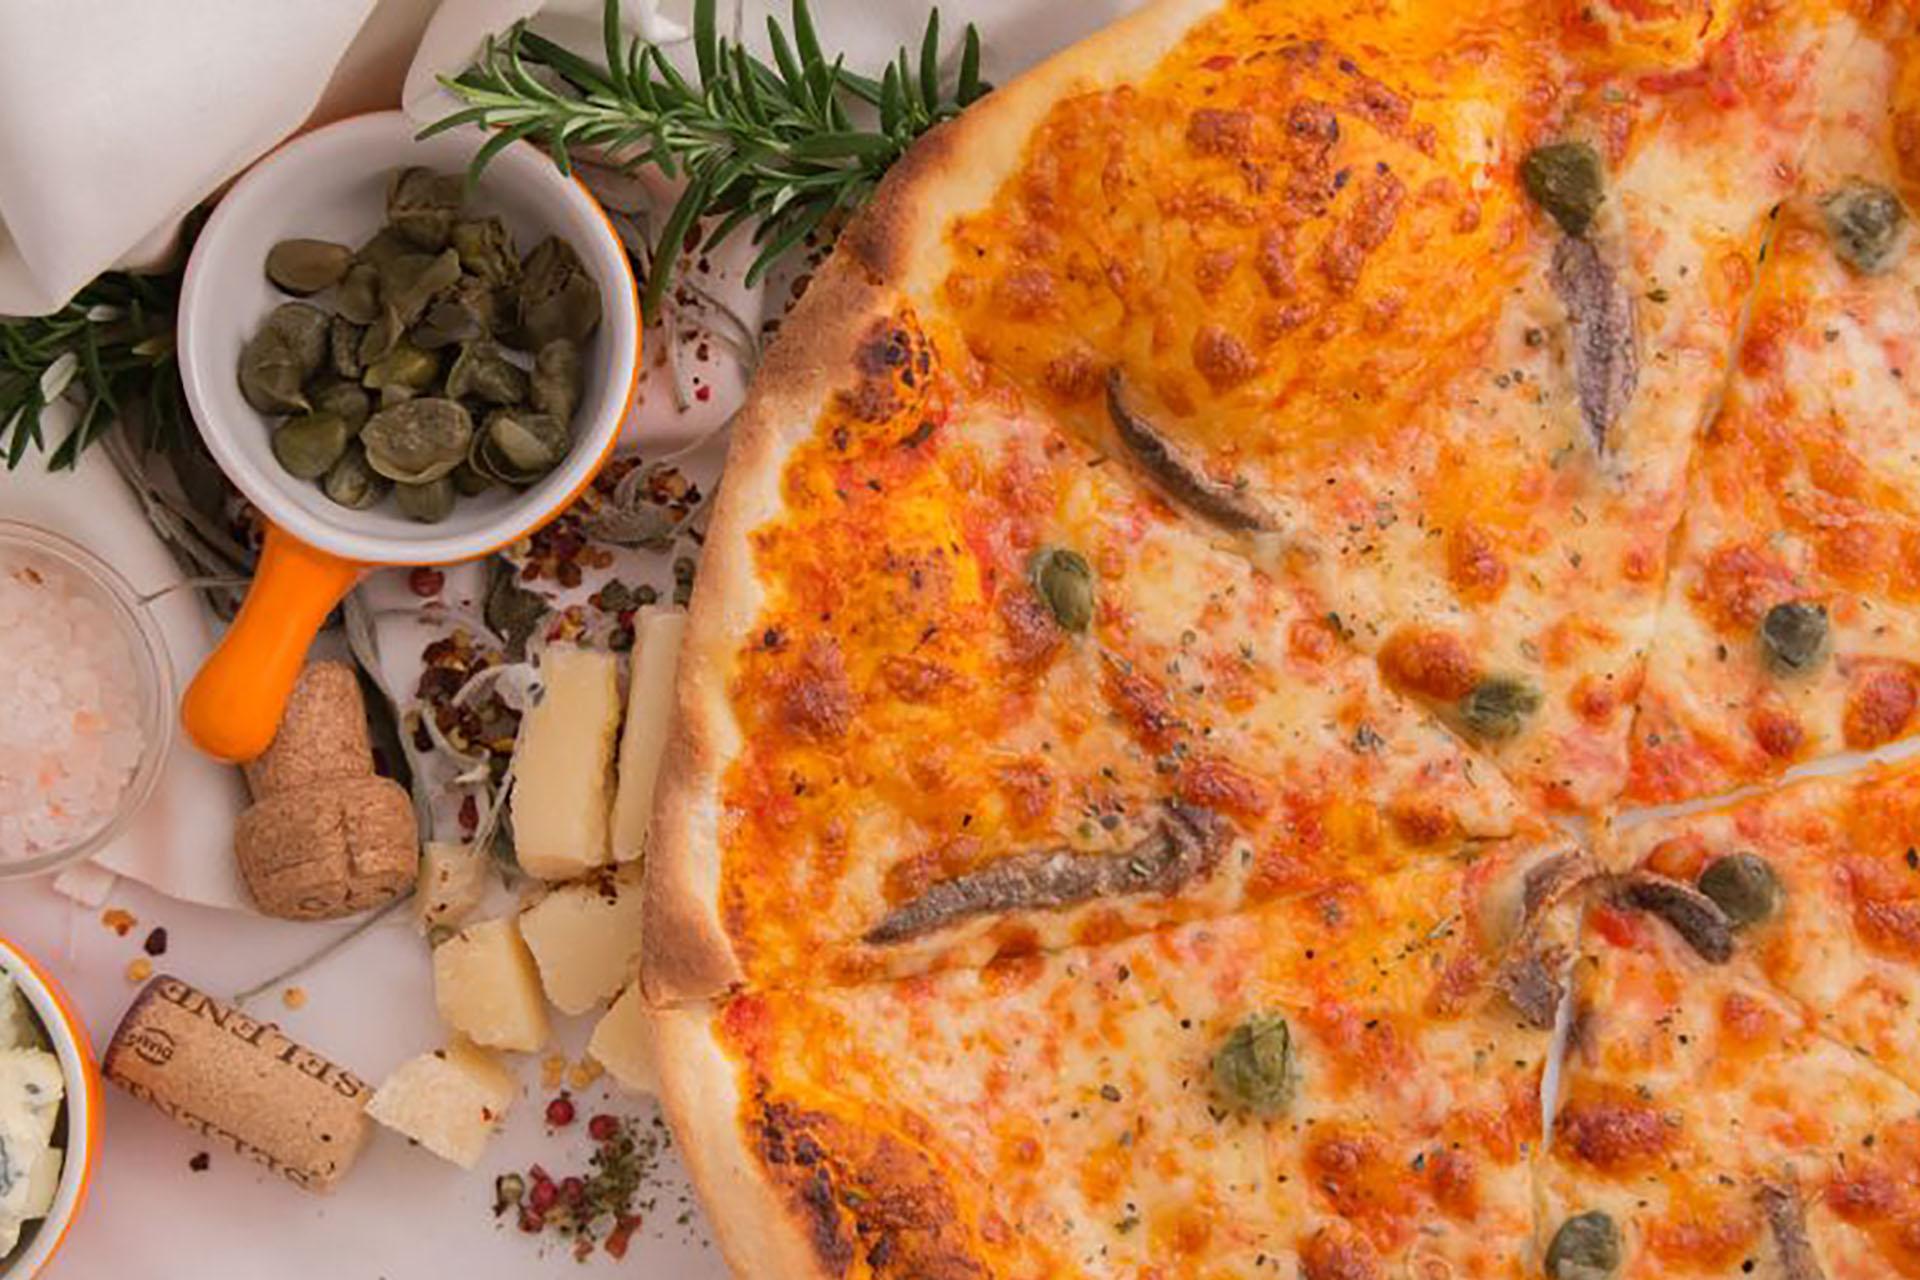 unico_vero_restaurant_merita_cavaleria_pizza_comanda_bun